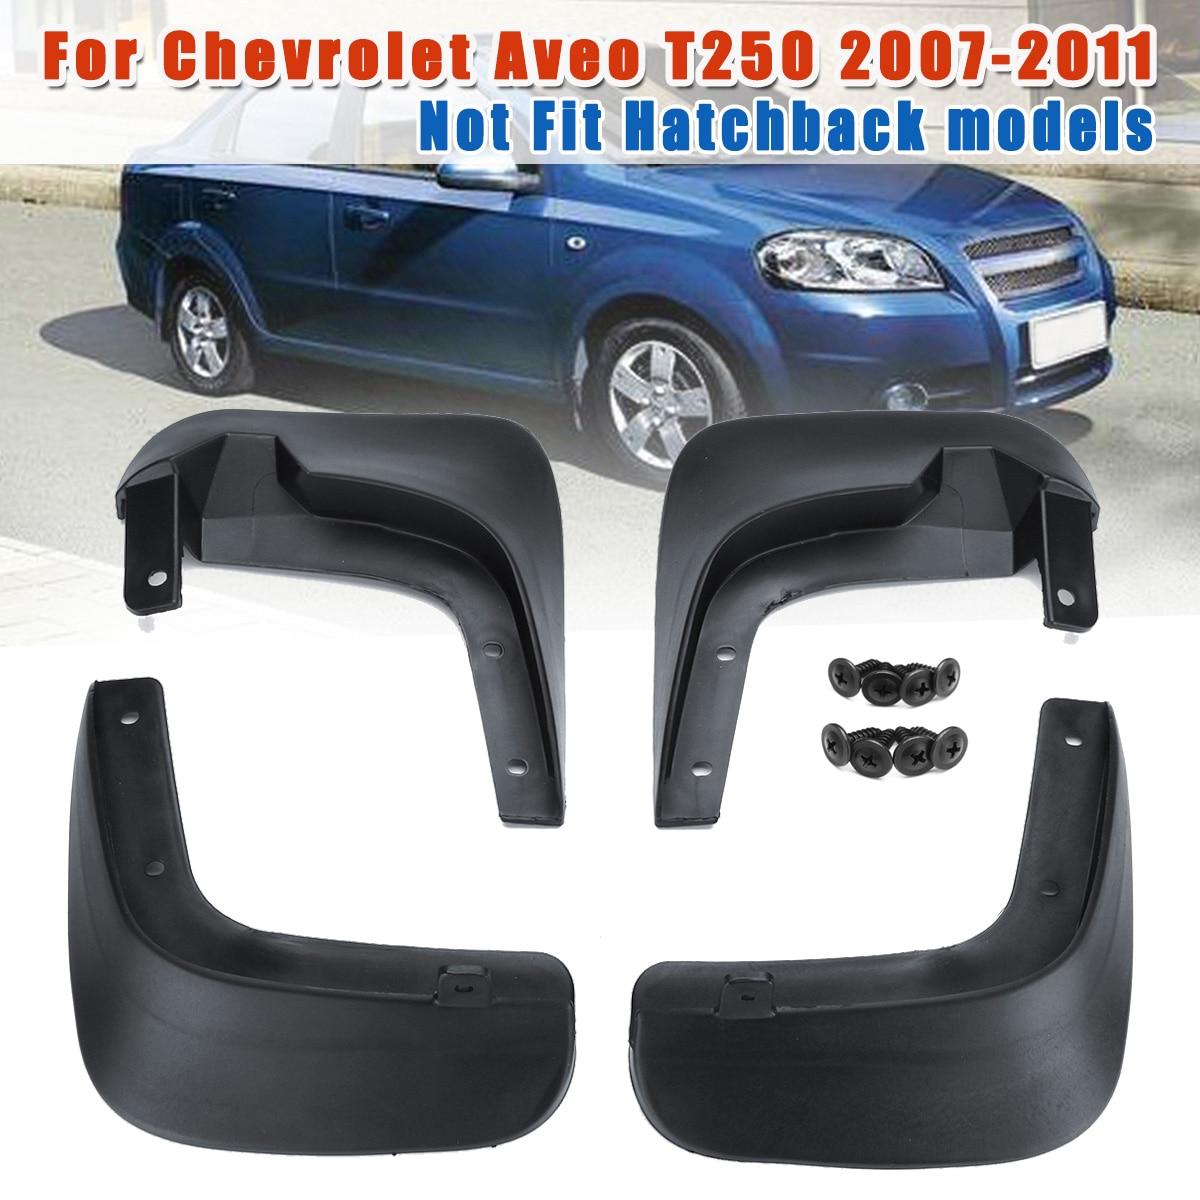 עבור שברולט Aveo T250 2007 2008 2009 2010 2011 רכב מגיני בץ קדמי אחורי זיקוקי כנף אוטומטי Mudflaps מגני בץ Splash משמר